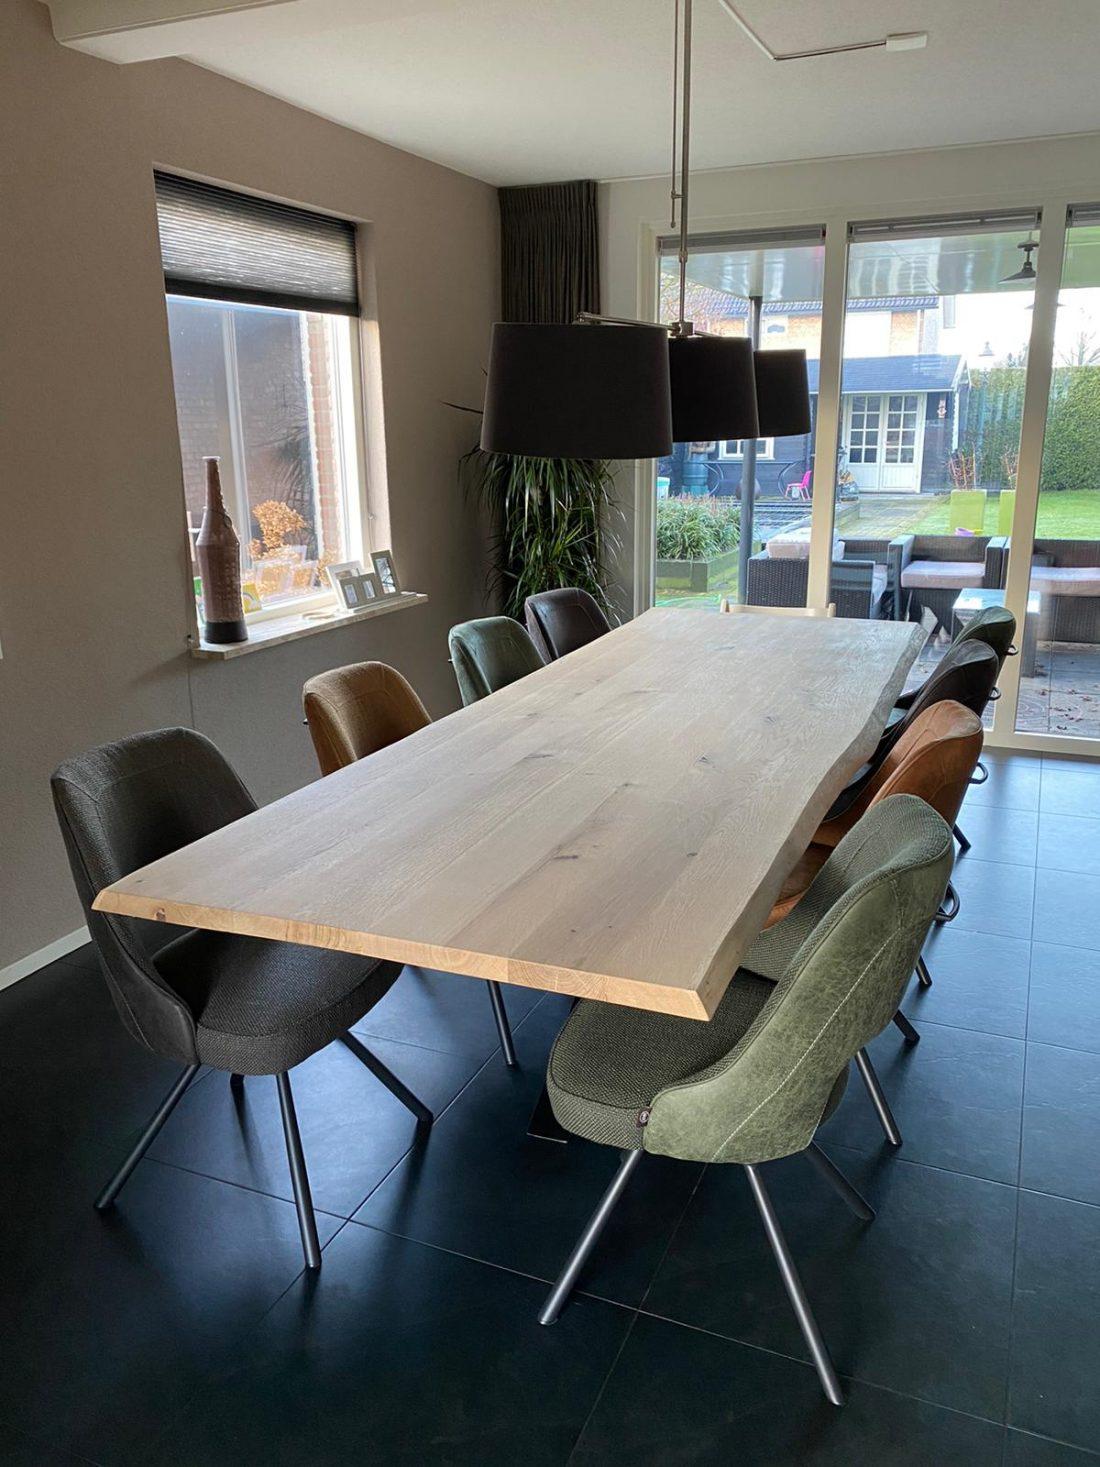 Eichenstamm Katy Tischplatte Square 4 5cm dick Ohne Rahmen